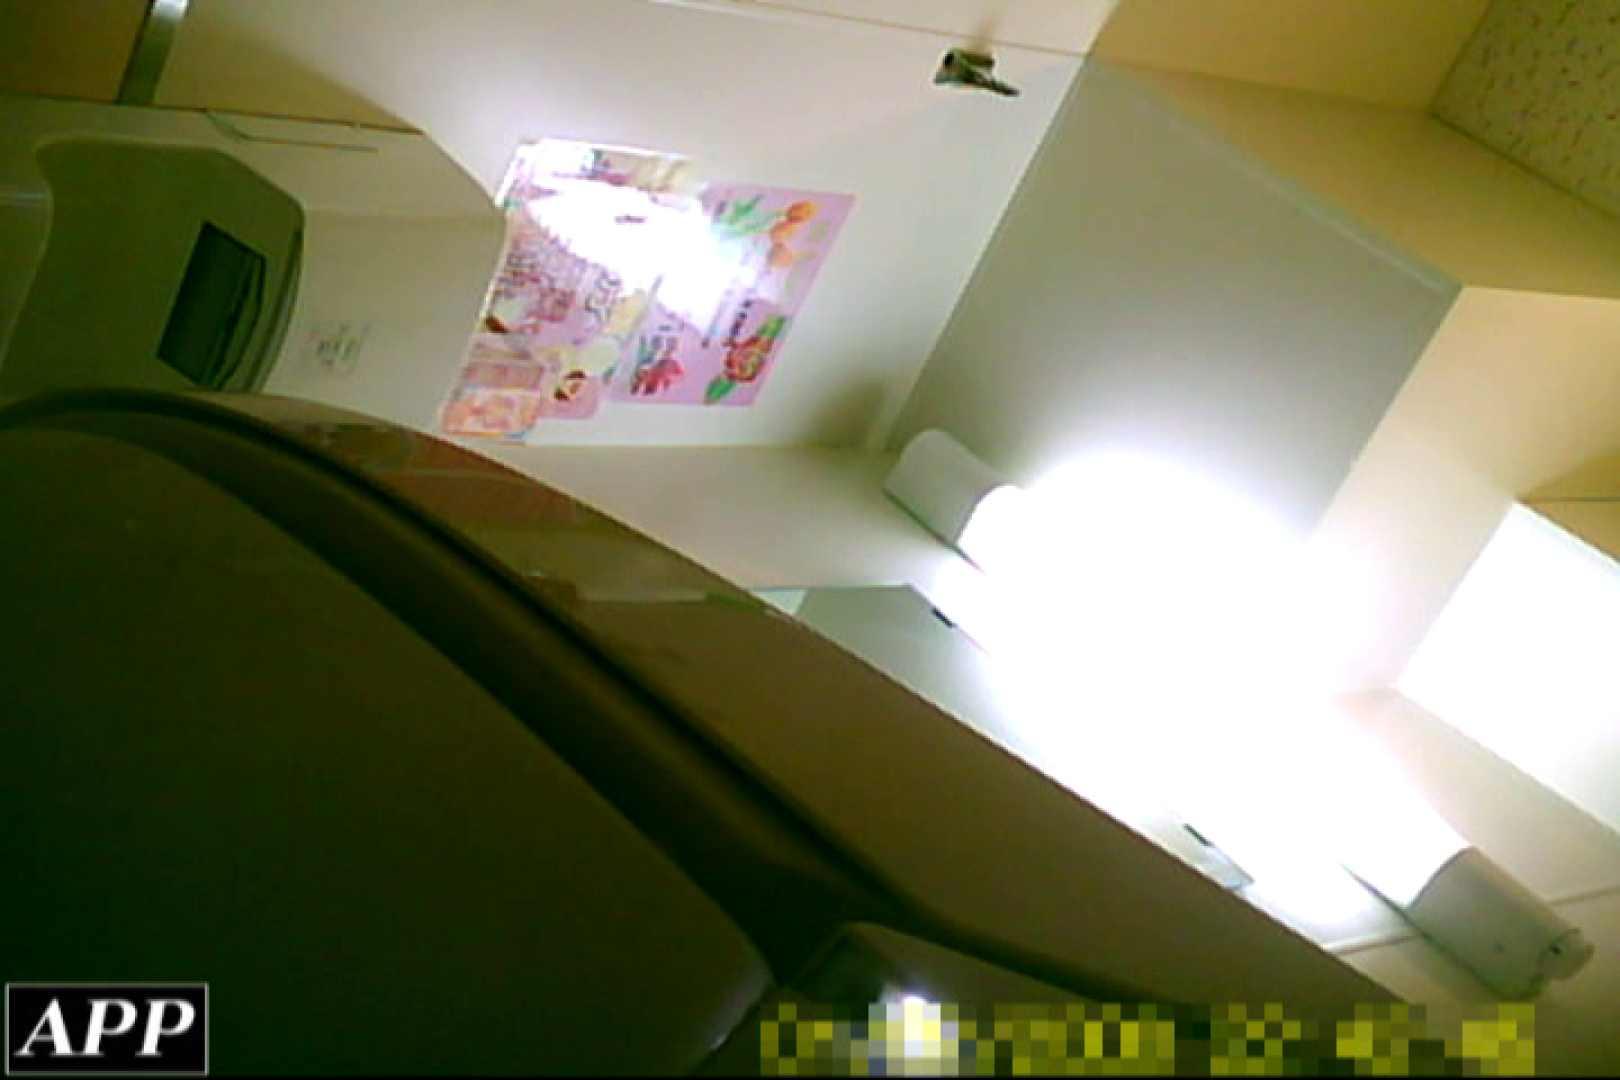 3視点洗面所 vol.109 モロだしオマンコ セックス無修正動画無料 86pic 11